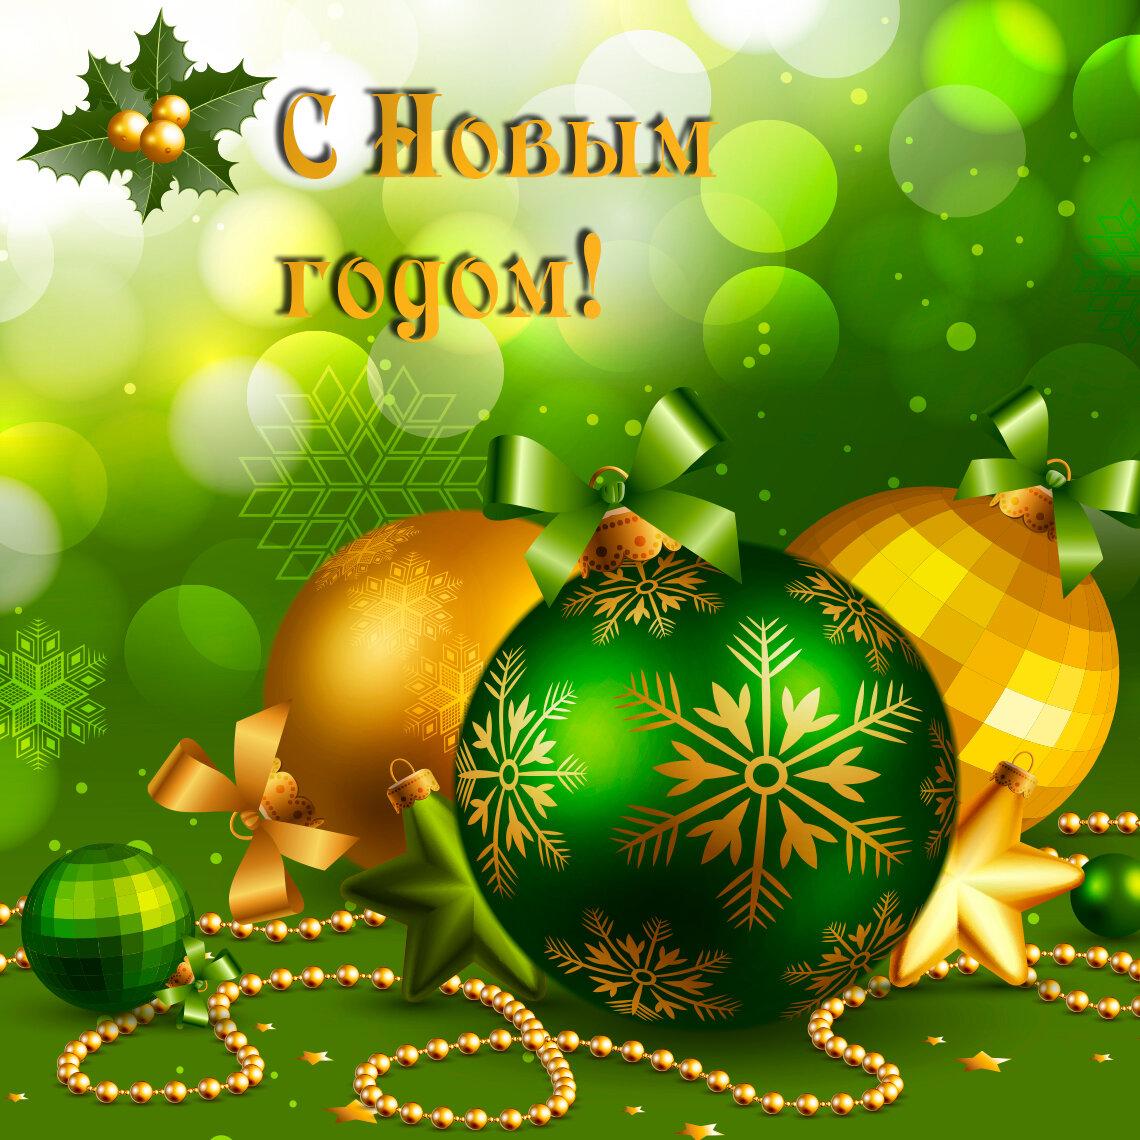 Показать новогодние поздравительные открытки